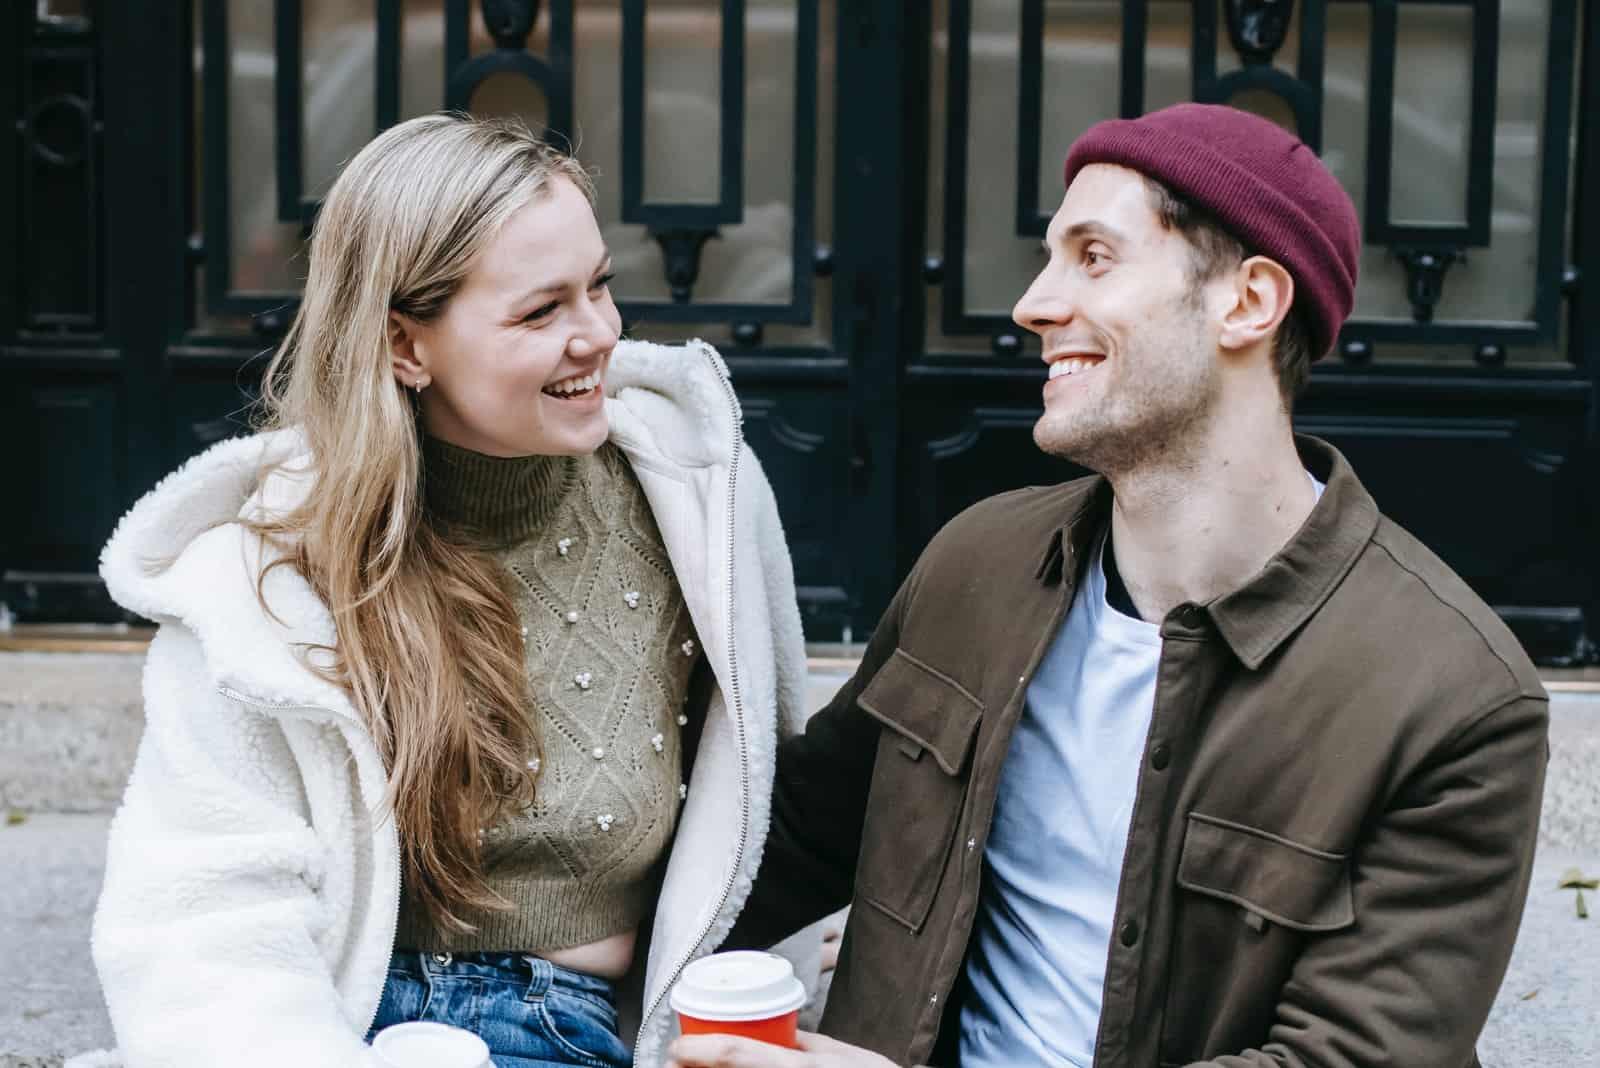 homme et femme souriant assis sur les escaliers